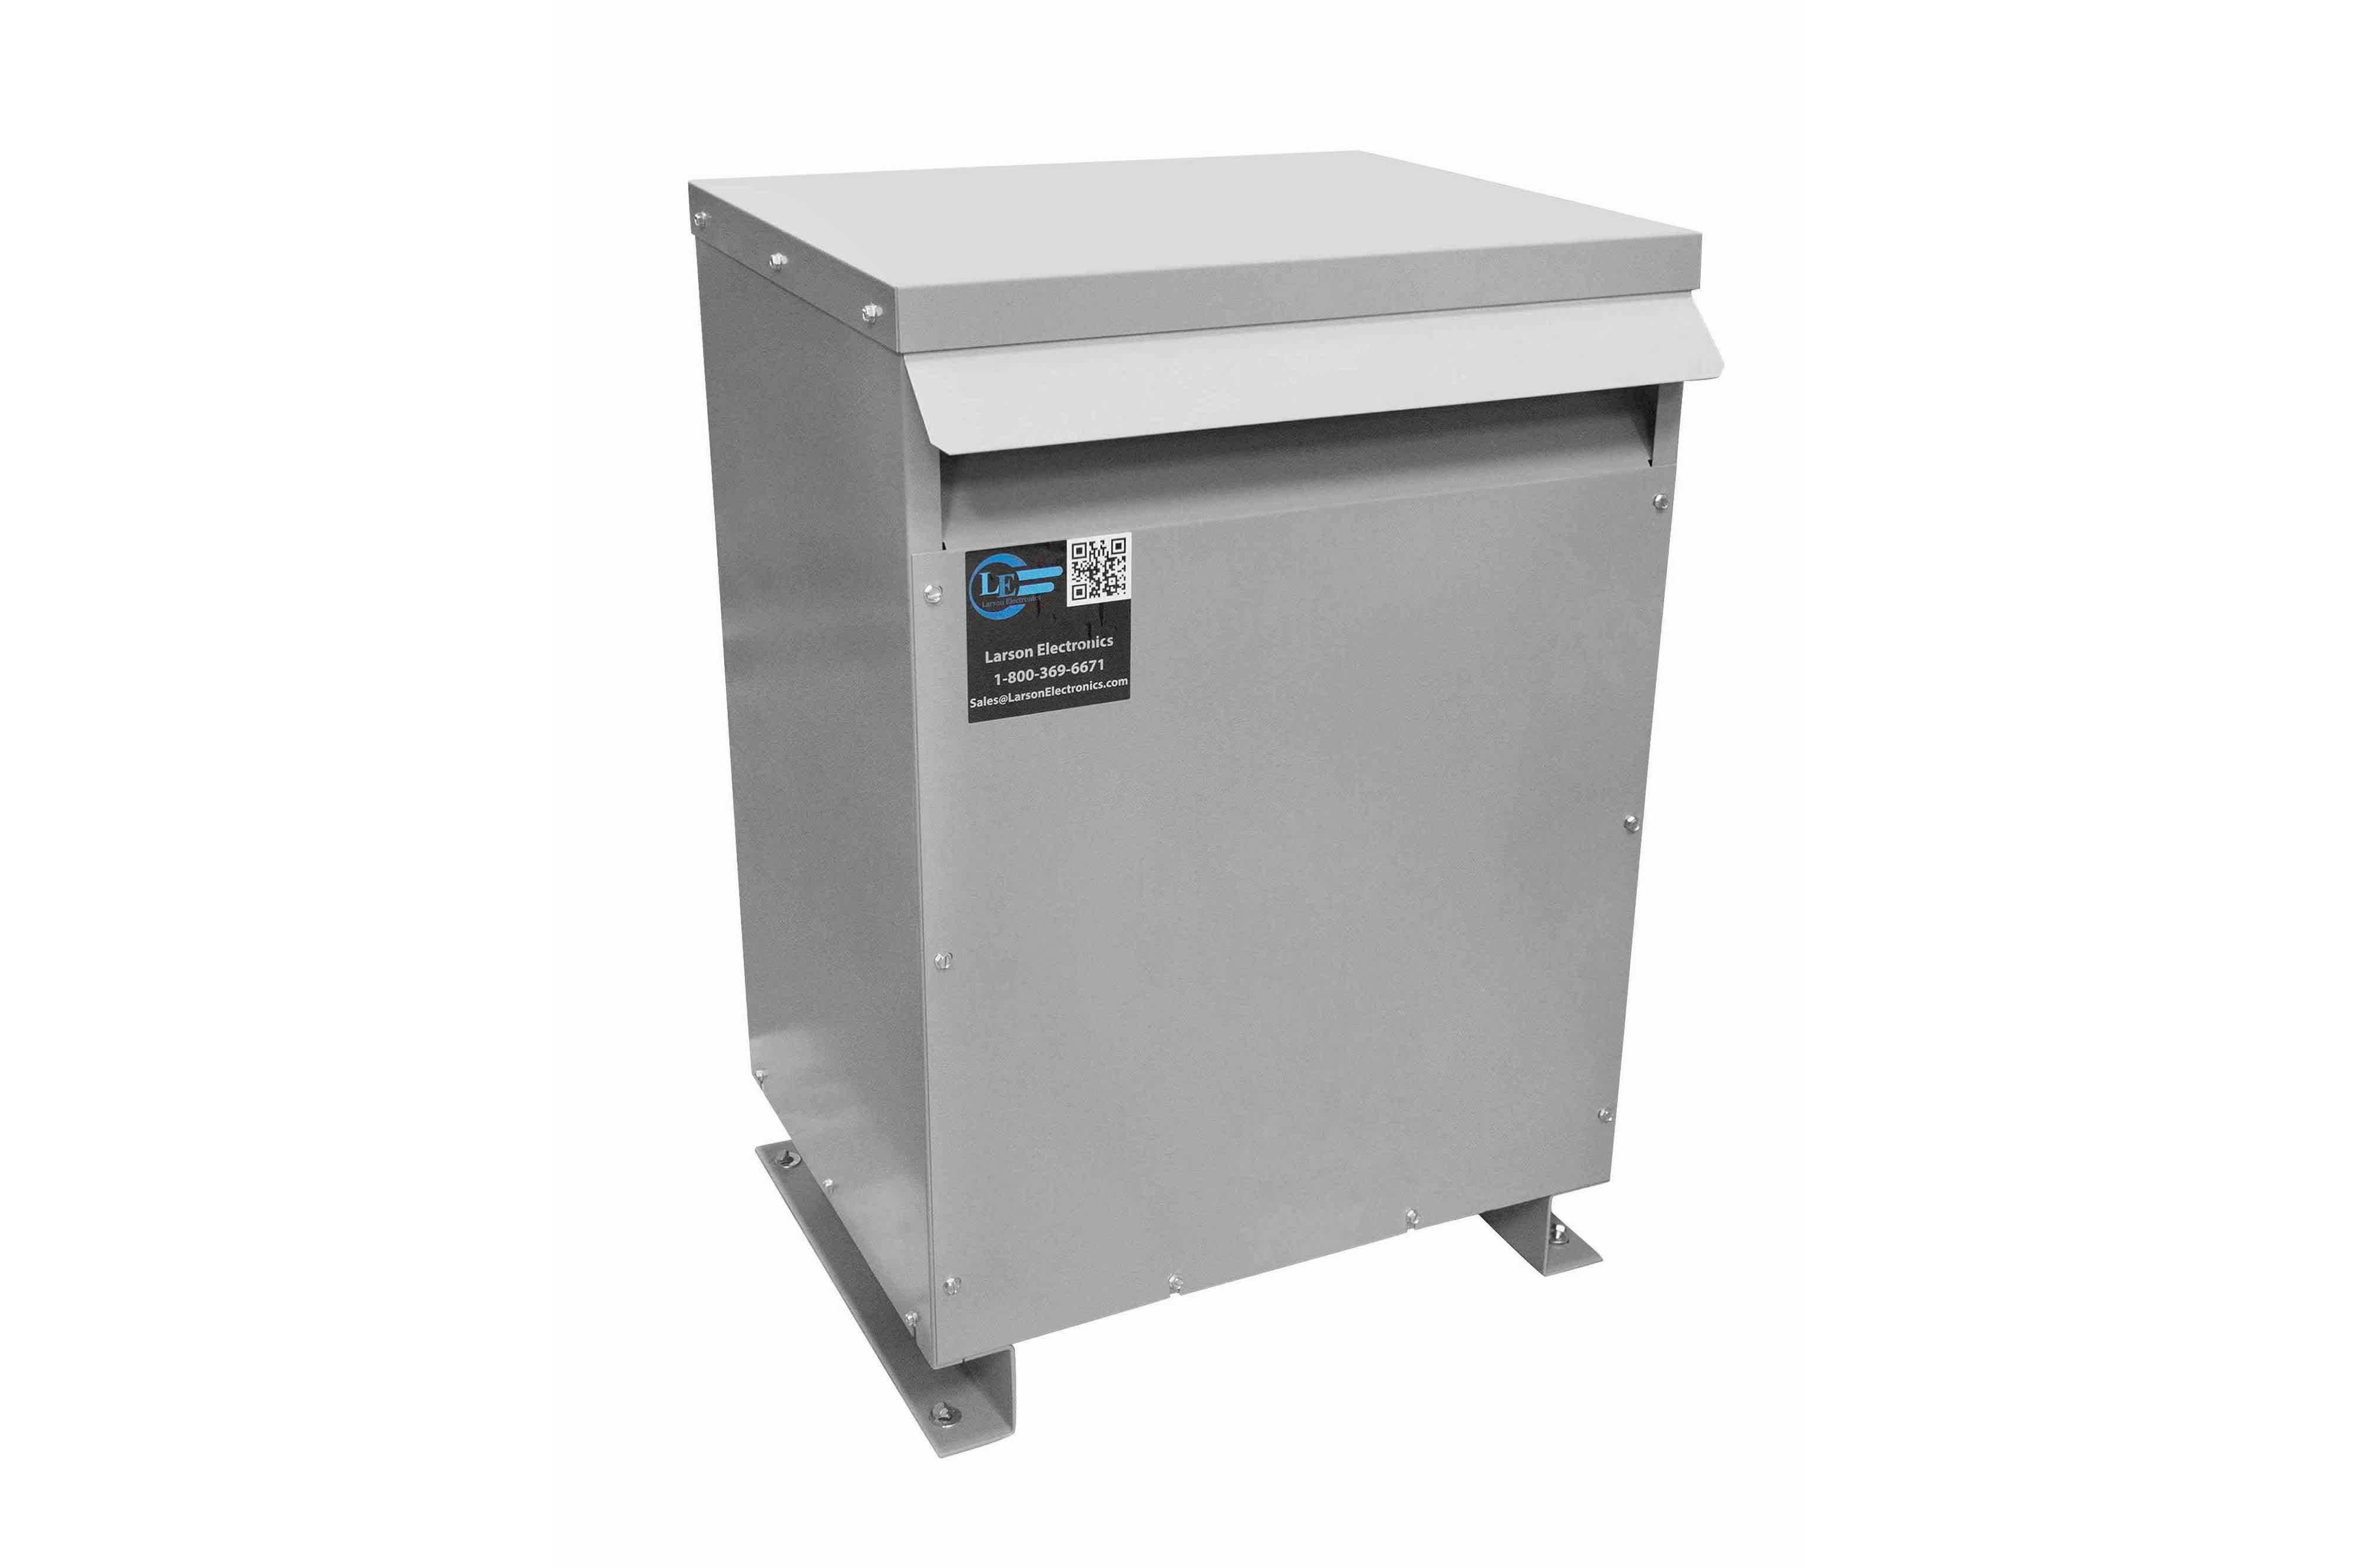 50 kVA 3PH Isolation Transformer, 460V Delta Primary, 208V Delta Secondary, N3R, Ventilated, 60 Hz